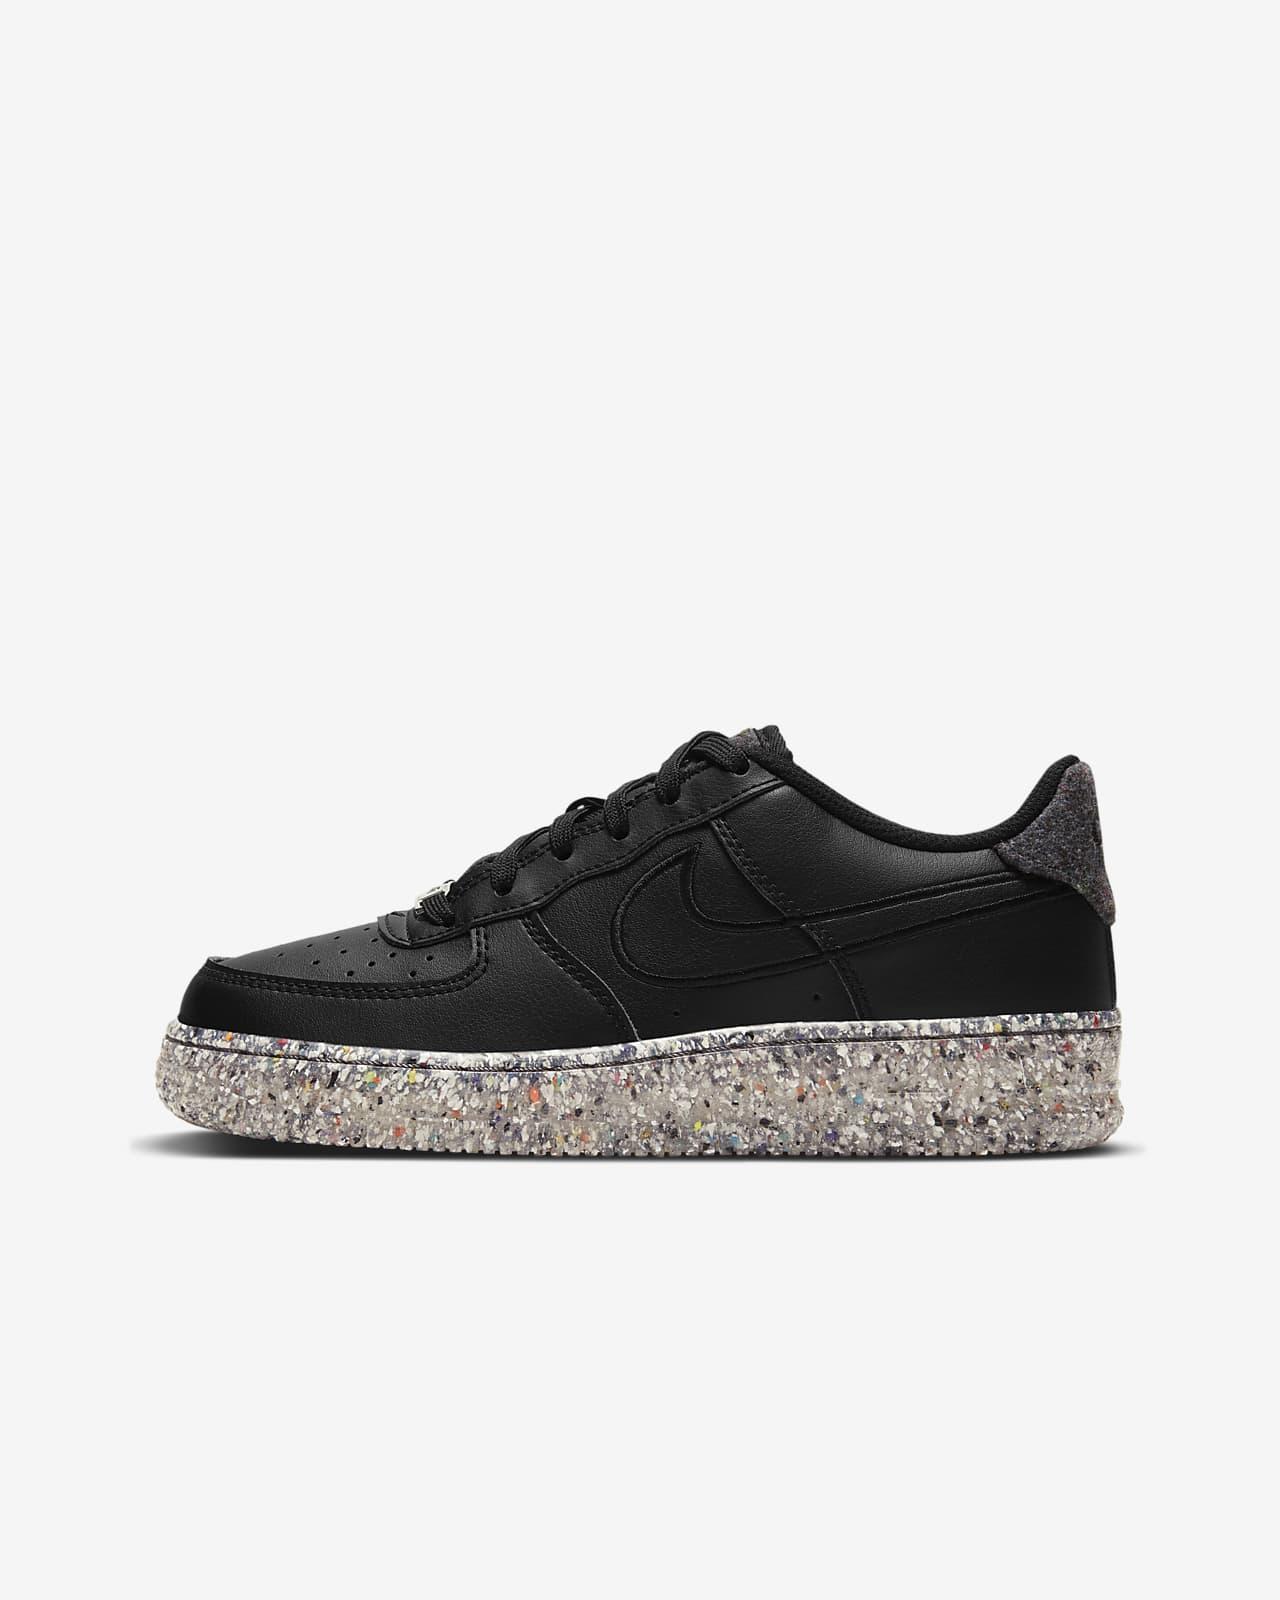 Sko Nike Air Force 1 Impact för ungdom